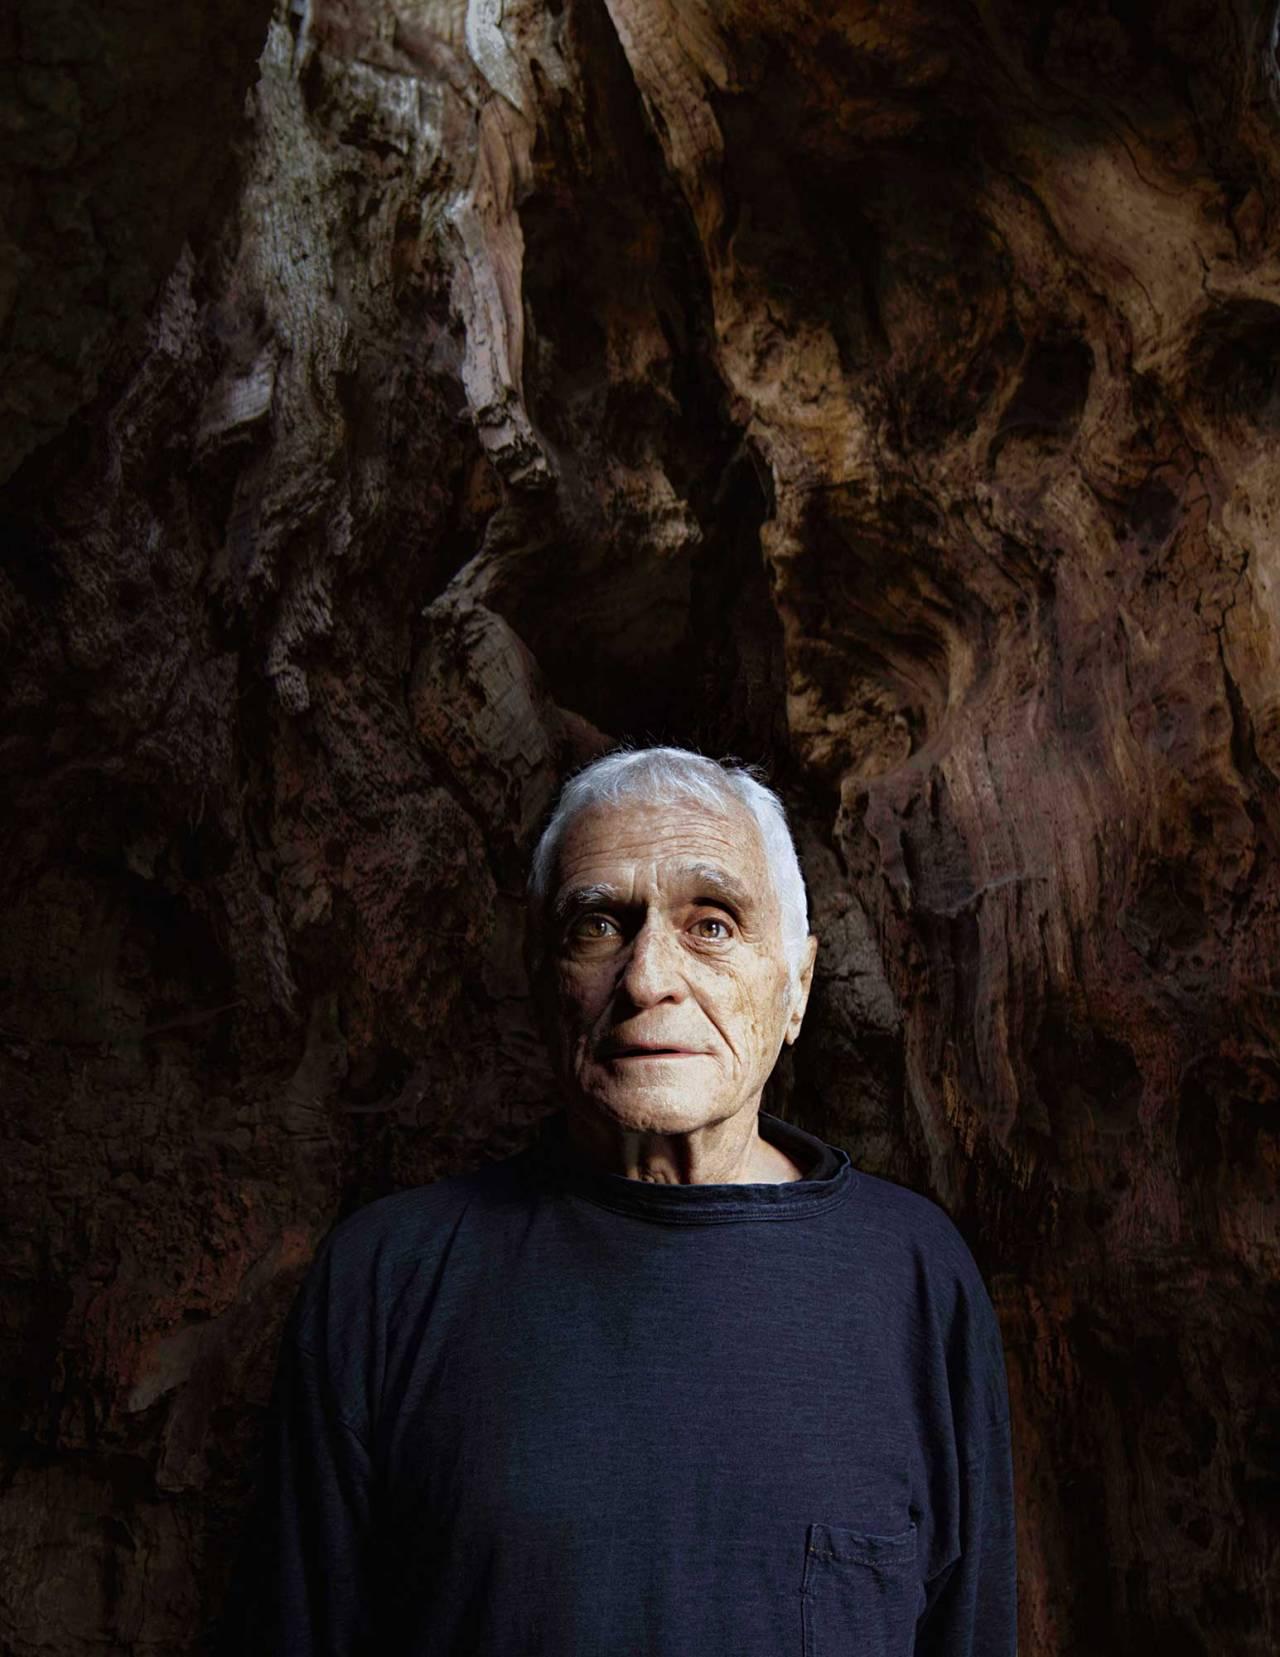 CHRIS CALMER ARTIST JOHN GIORNO ·PORTRAIT · COPENHAGEN